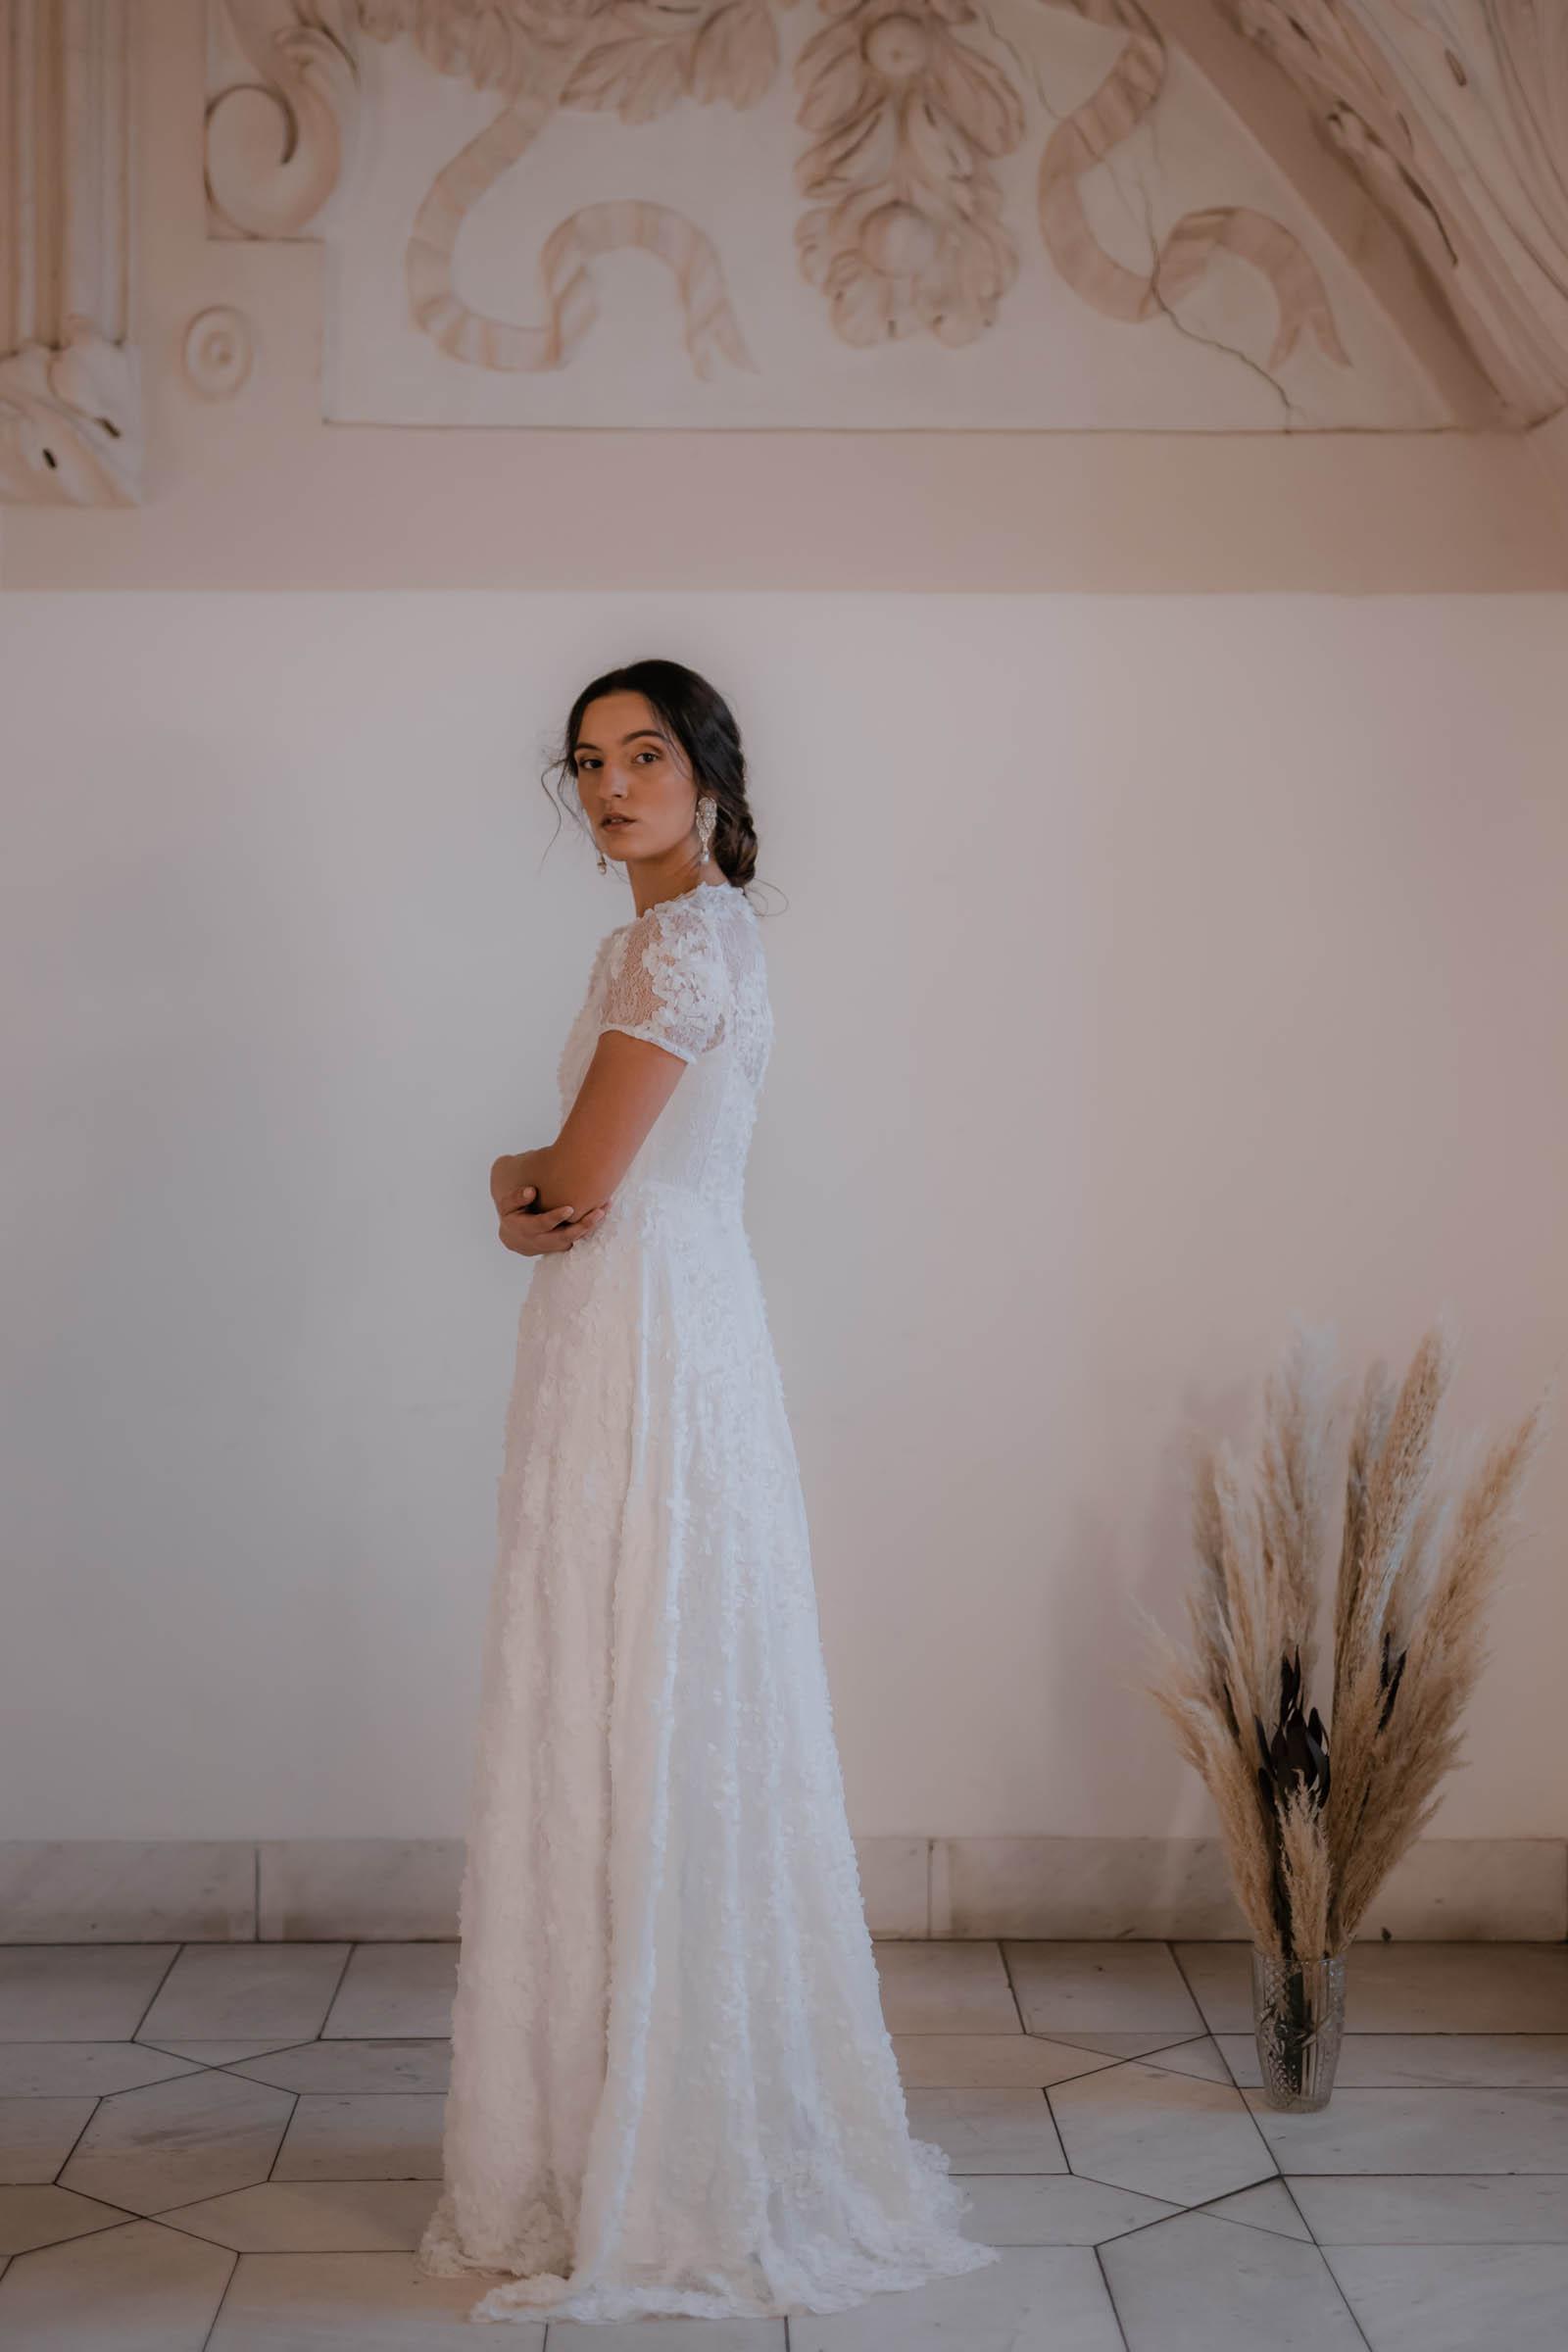 boho-svadobne-saty-veronika-kostkova-wedding-atelier-2019-rosa